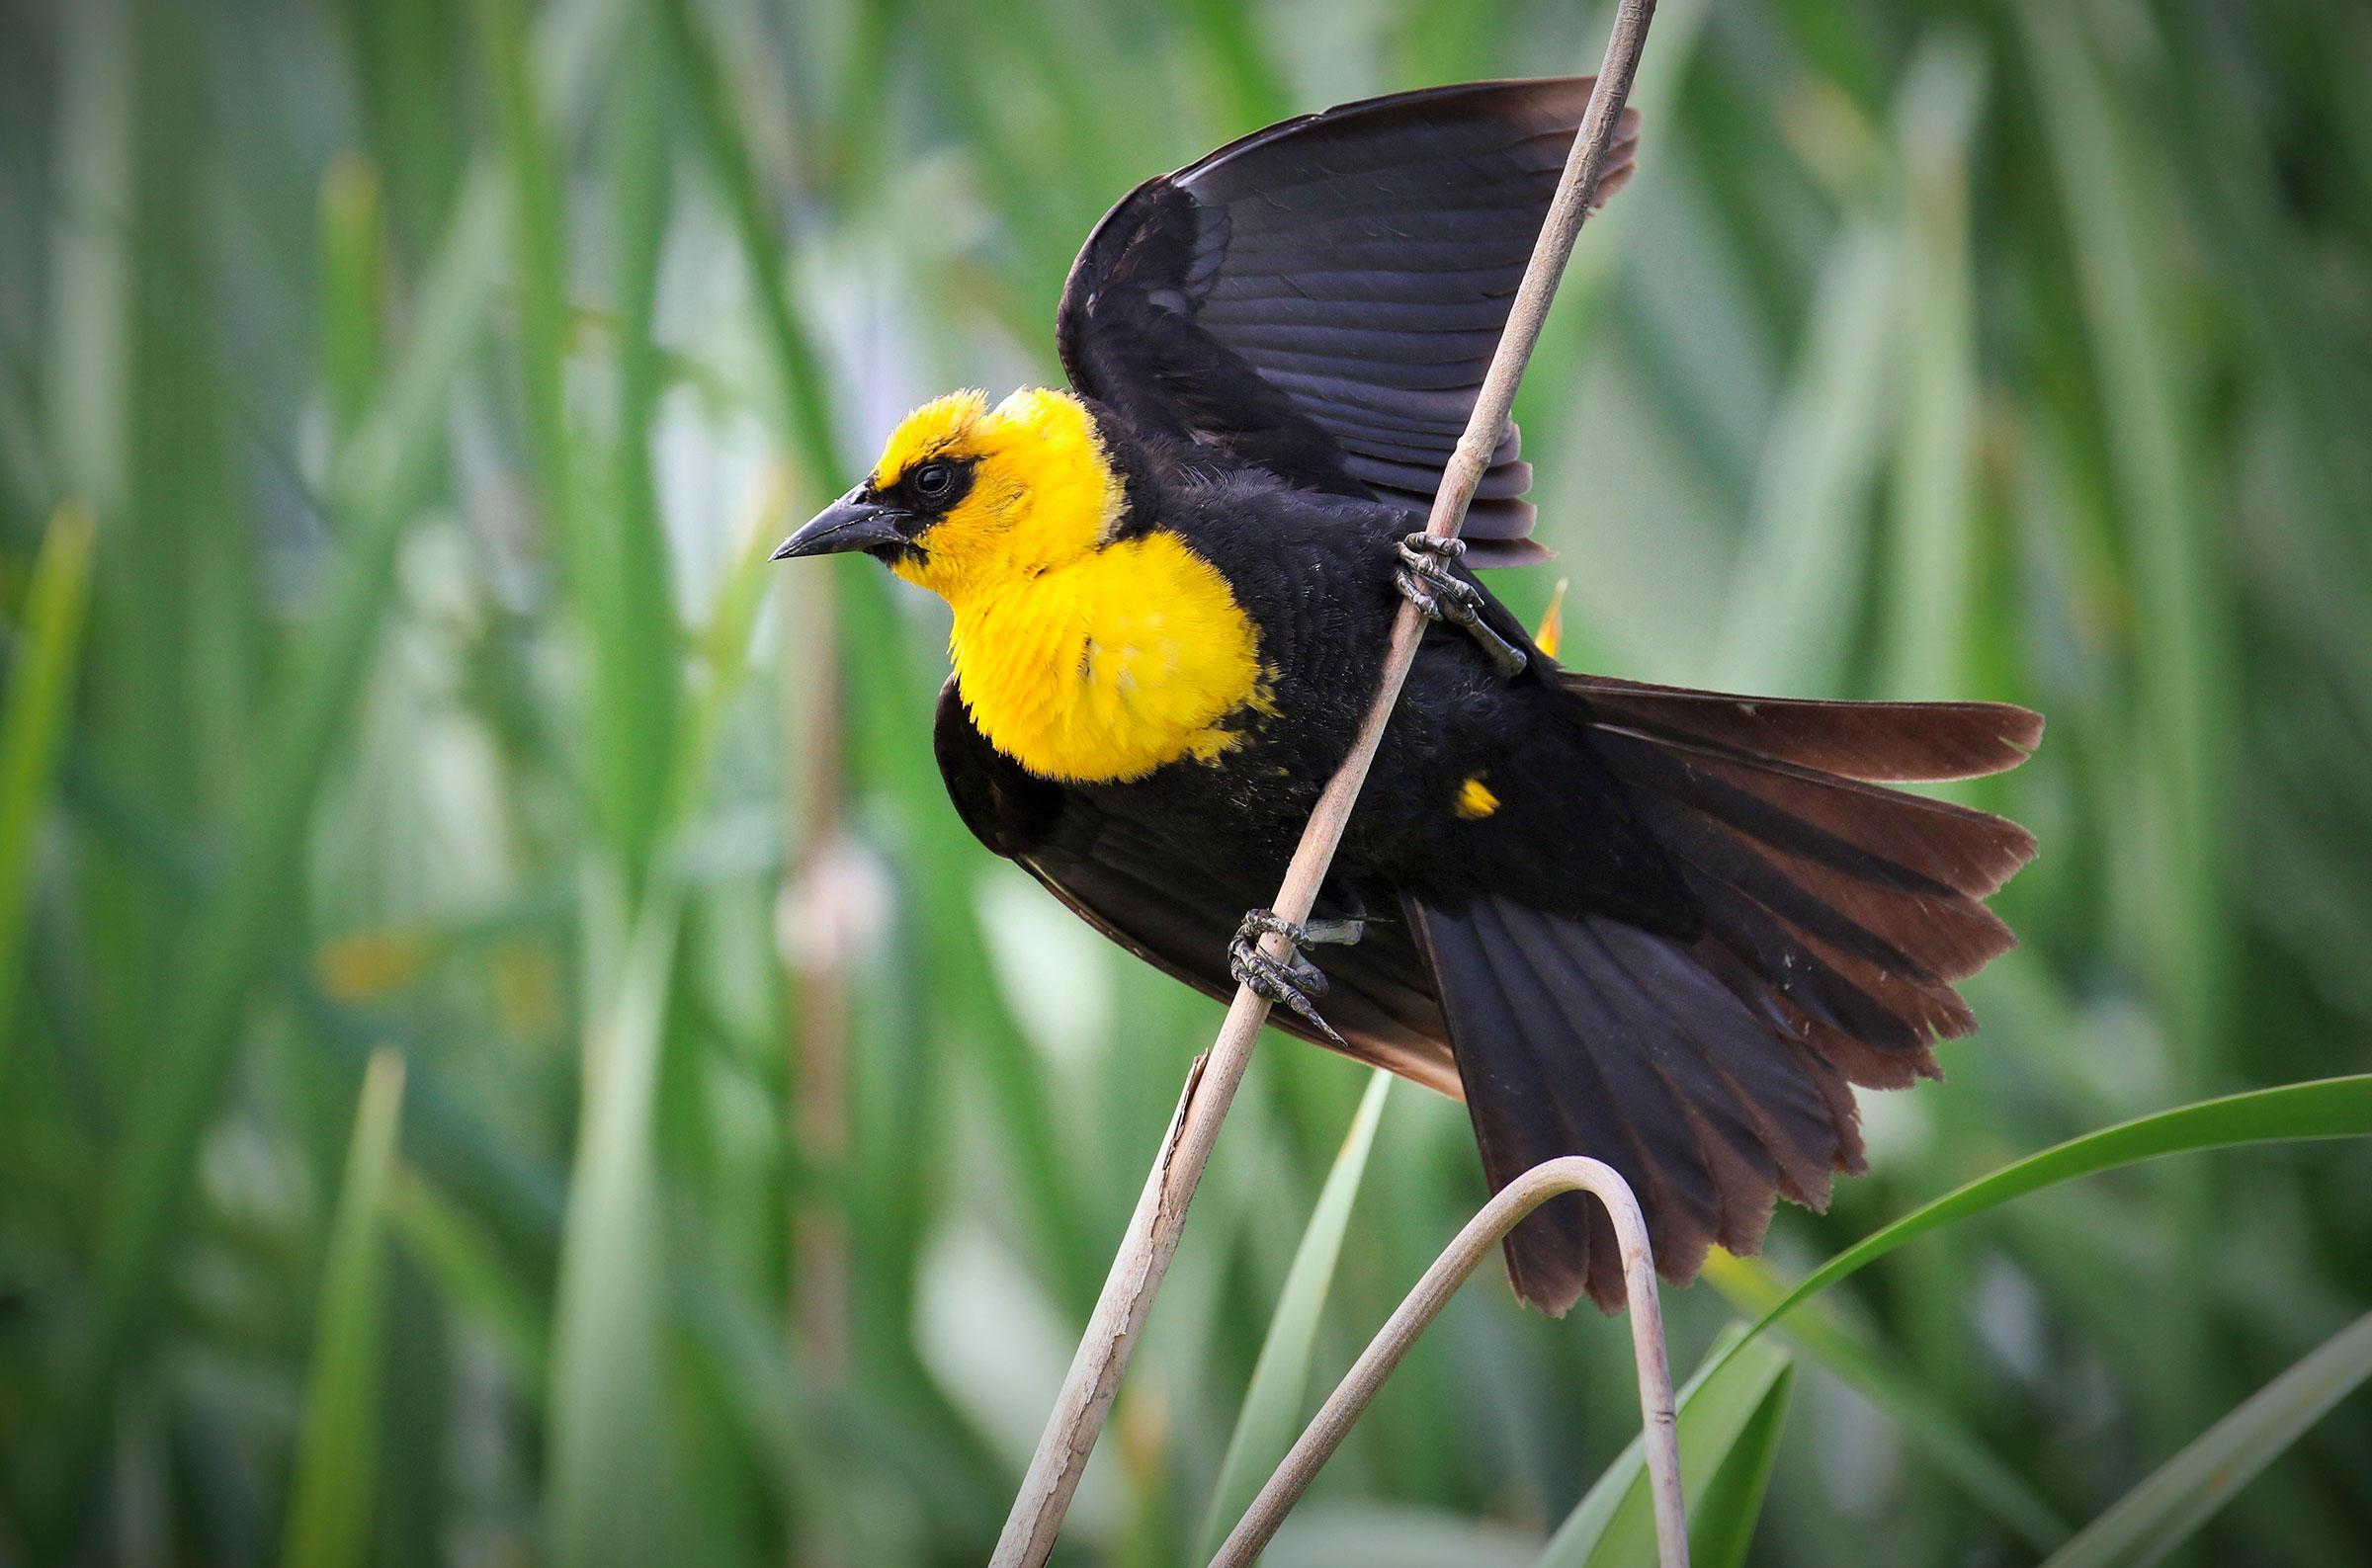 целом фото желто черных птиц в краснодарском крае талия оказалась